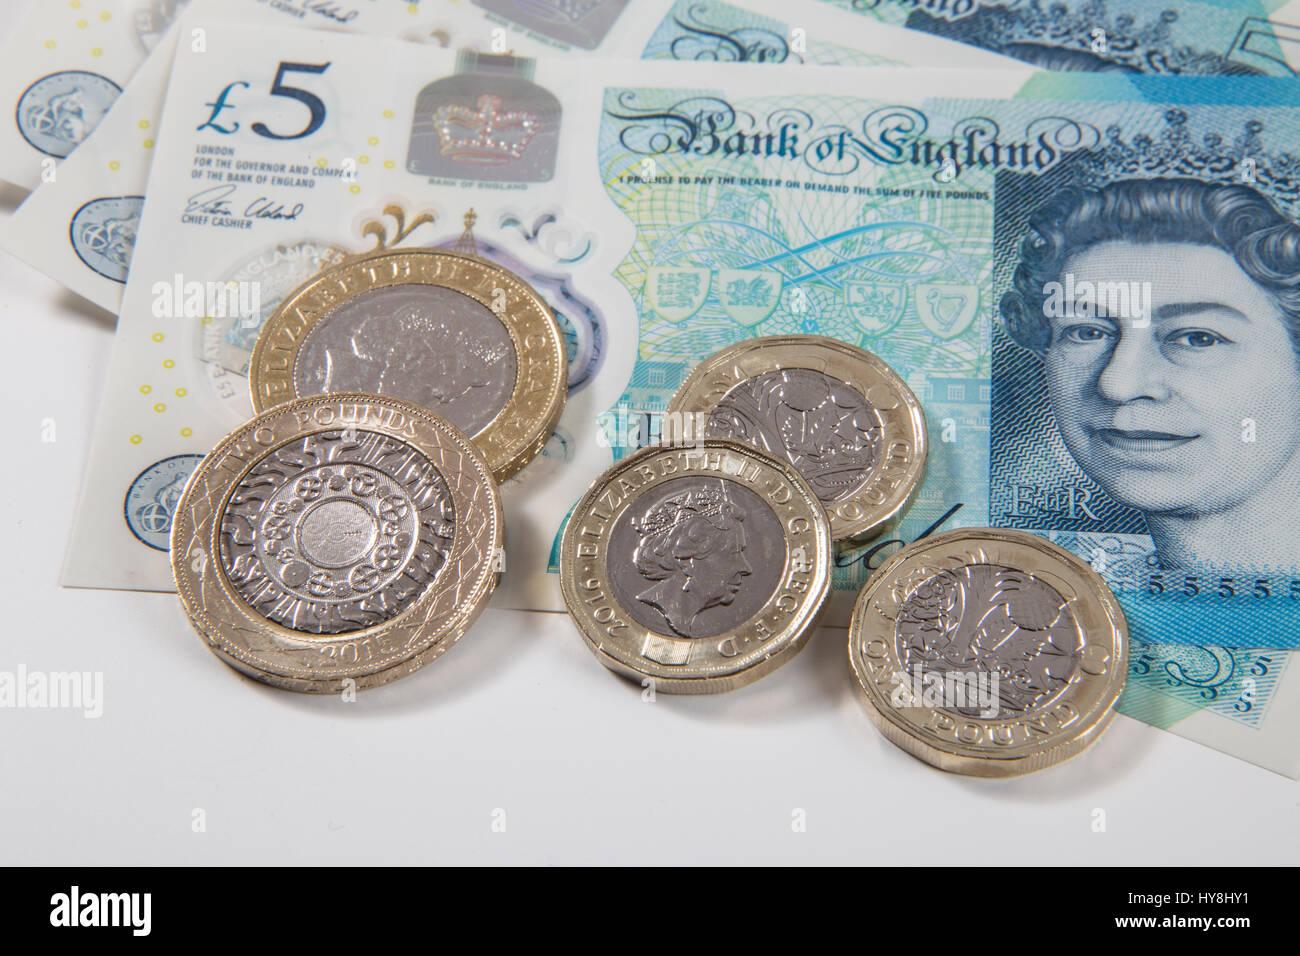 Neue 1 Pfund Münzen 2 Pfund Münzen Und 5 Pfund Noten Stockfoto